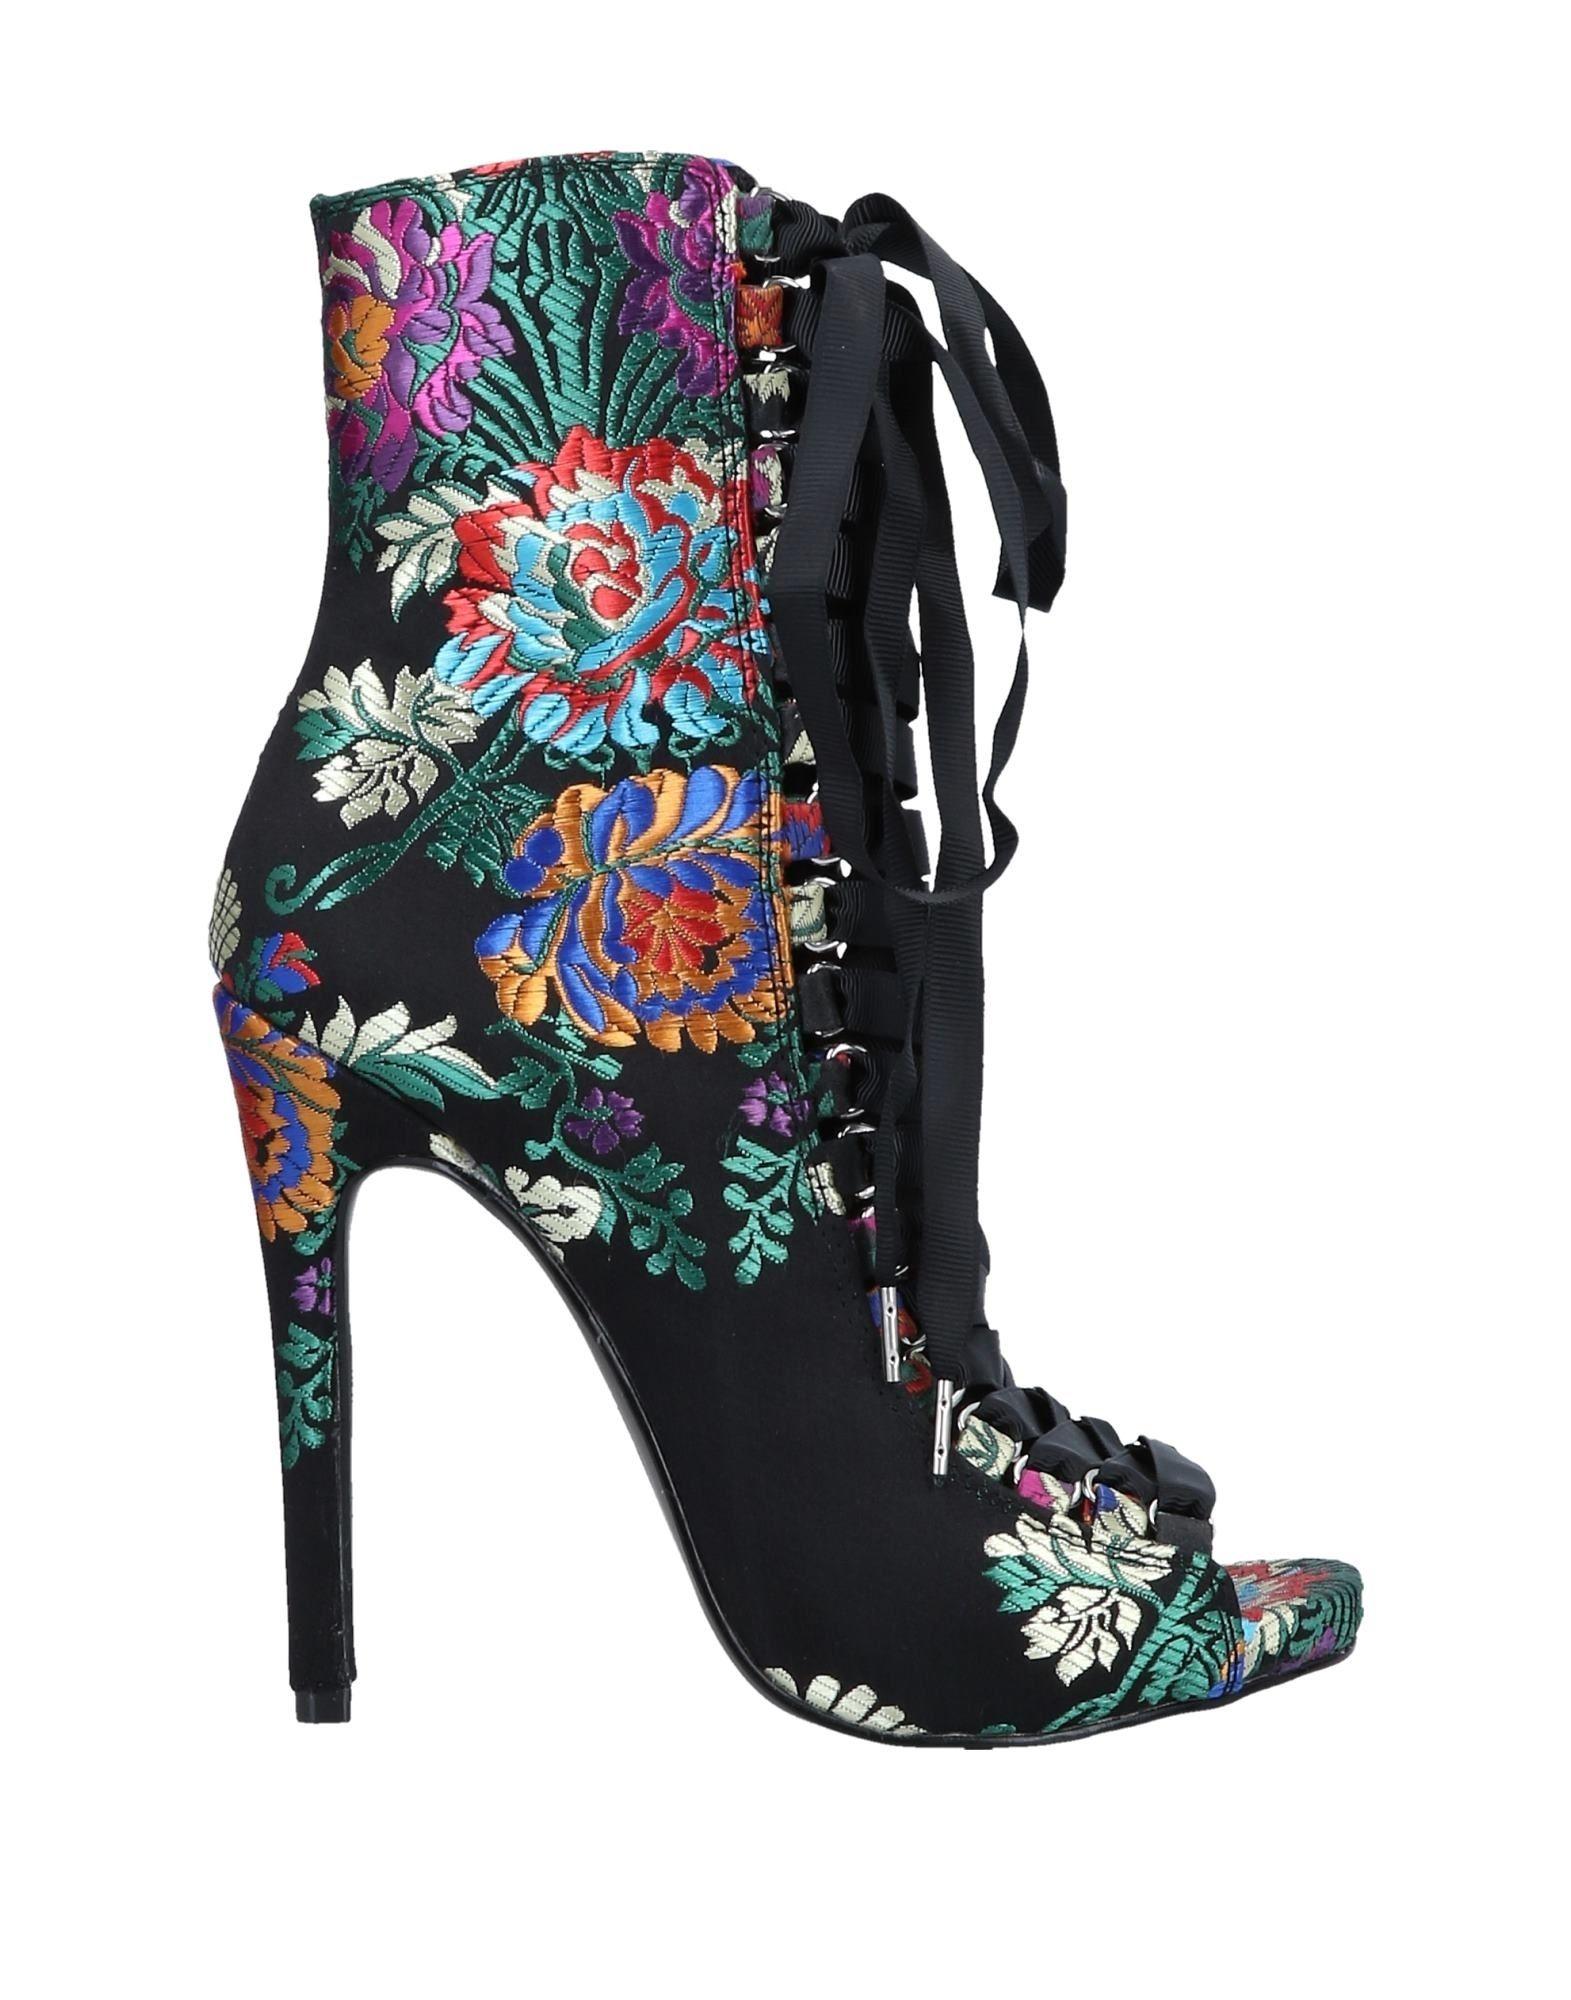 Bottine Steve Noir Madden Femme - Bottines Steve Madden Noir Steve Chaussures casual sauvages fd4003